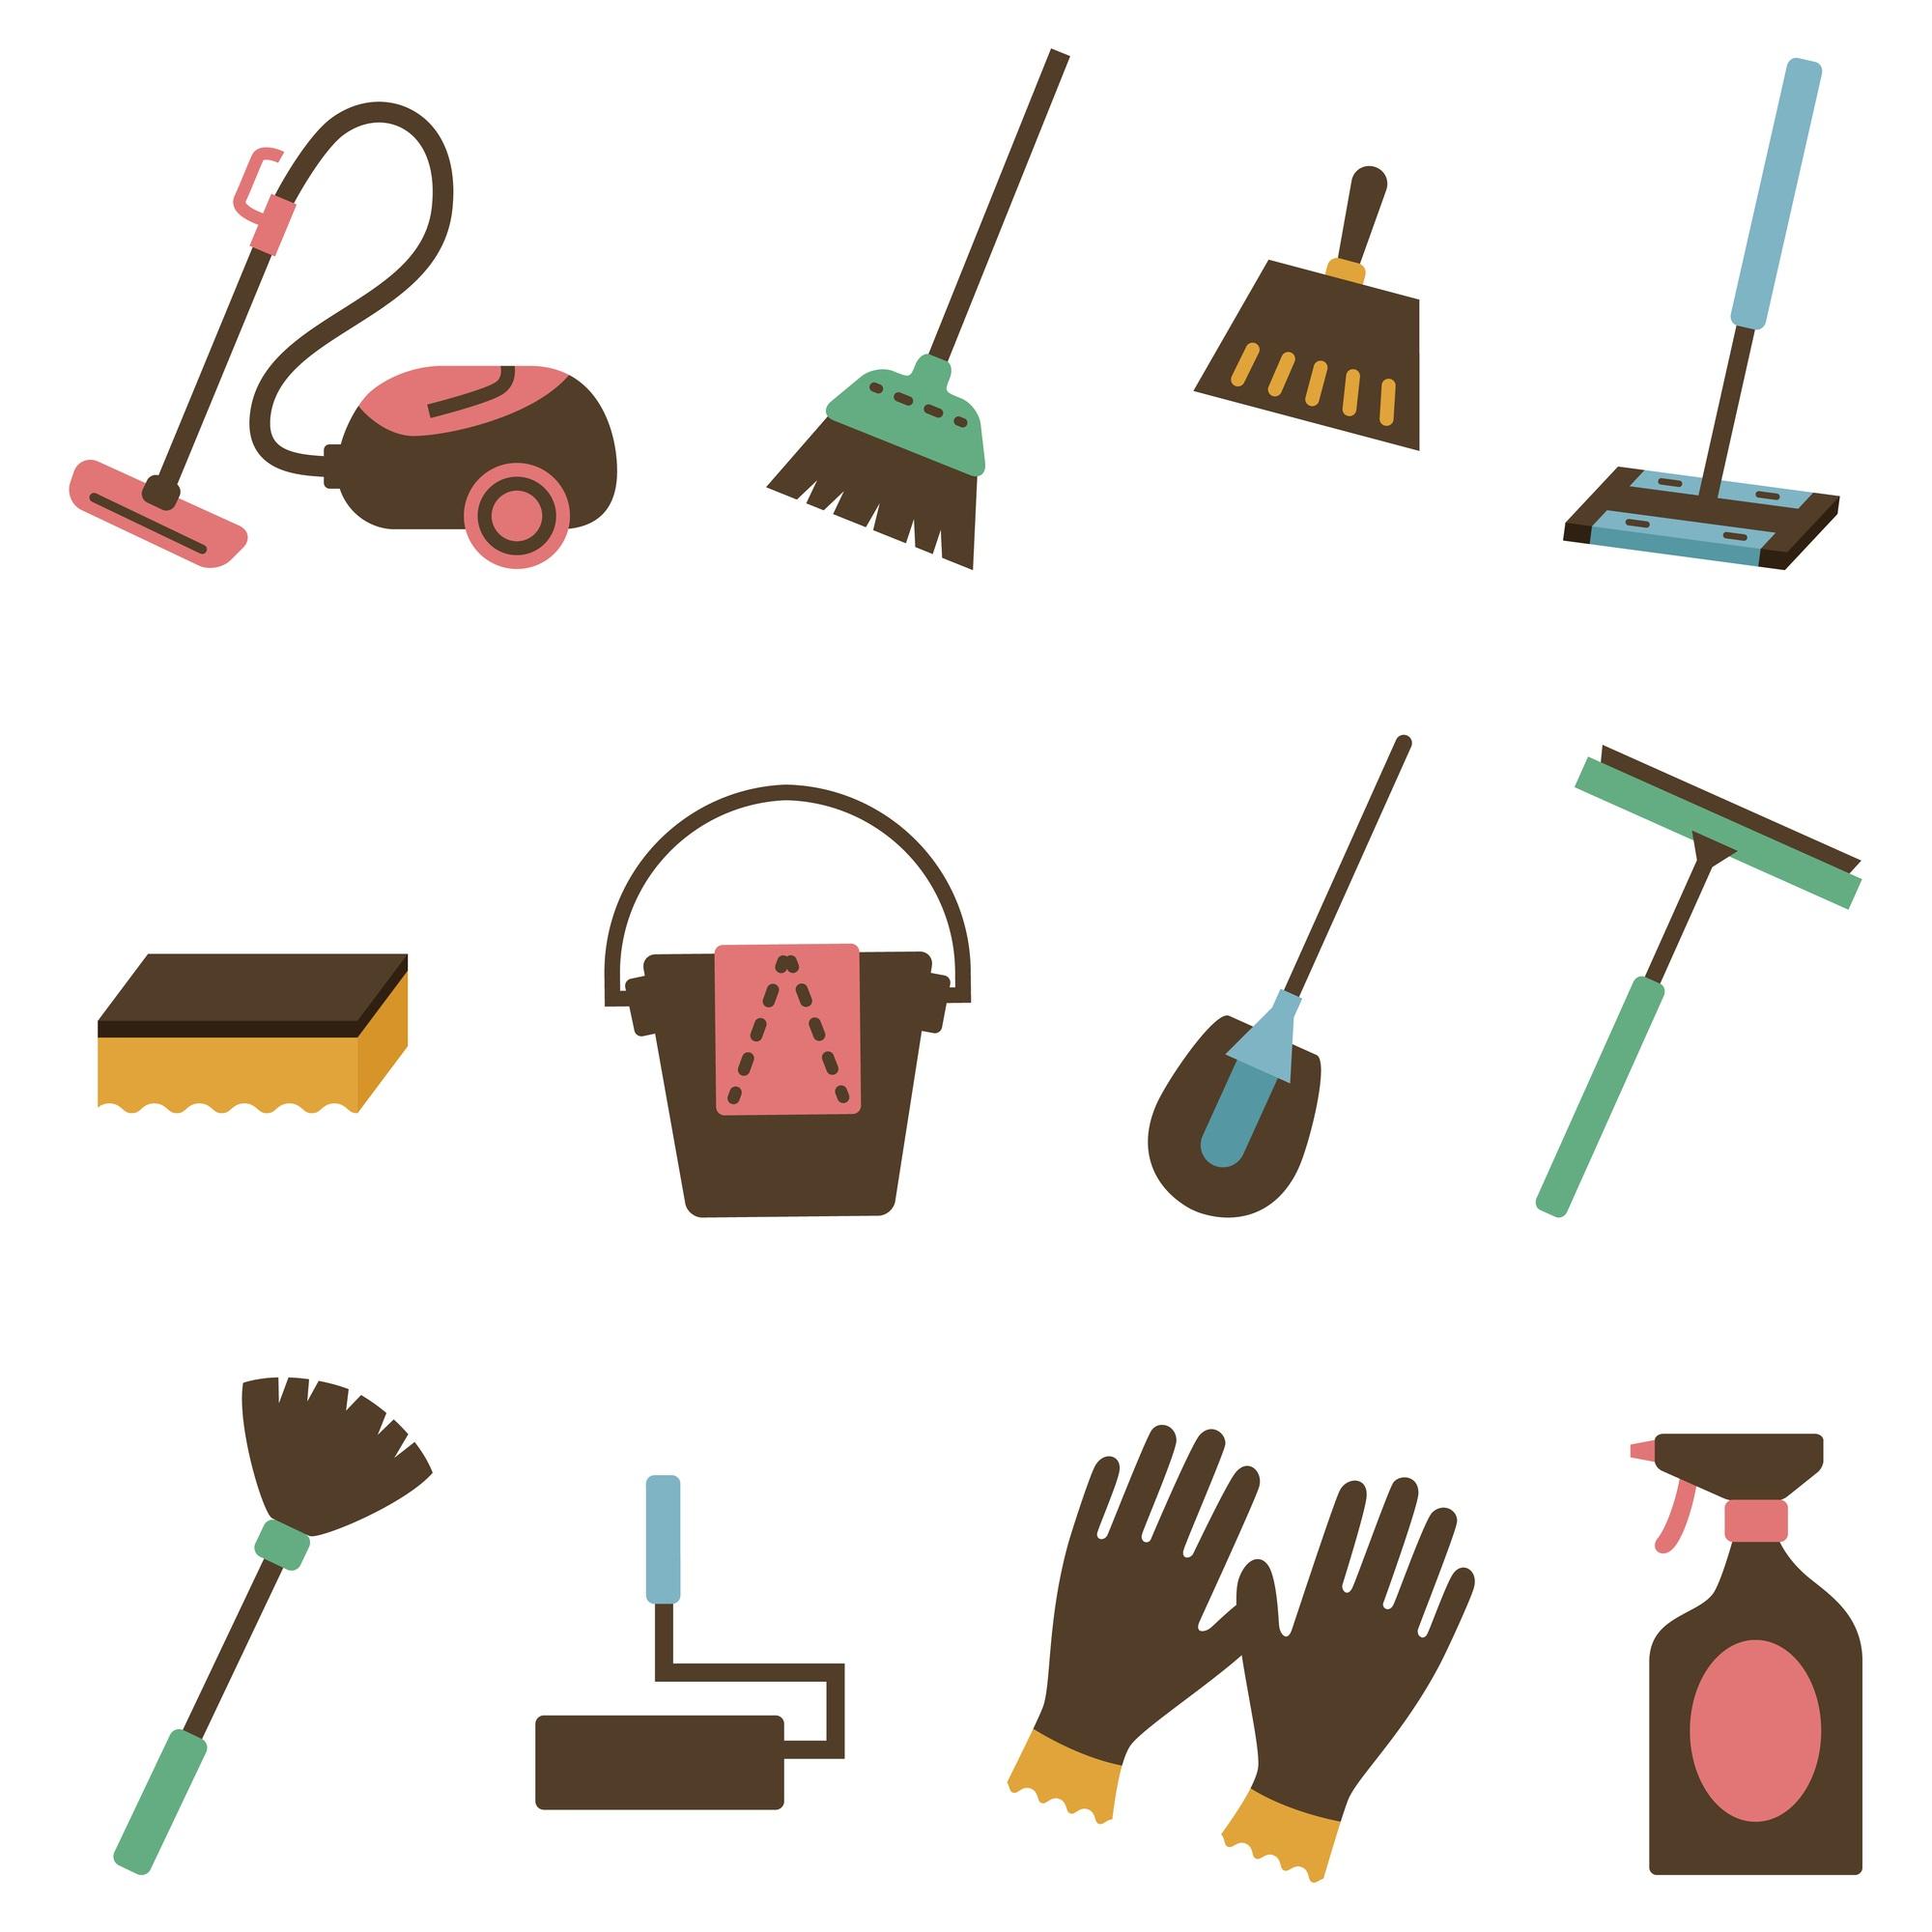 便利で手放せなくなる掃除用具15選!キッチンやお風呂がピカピカに☆|水